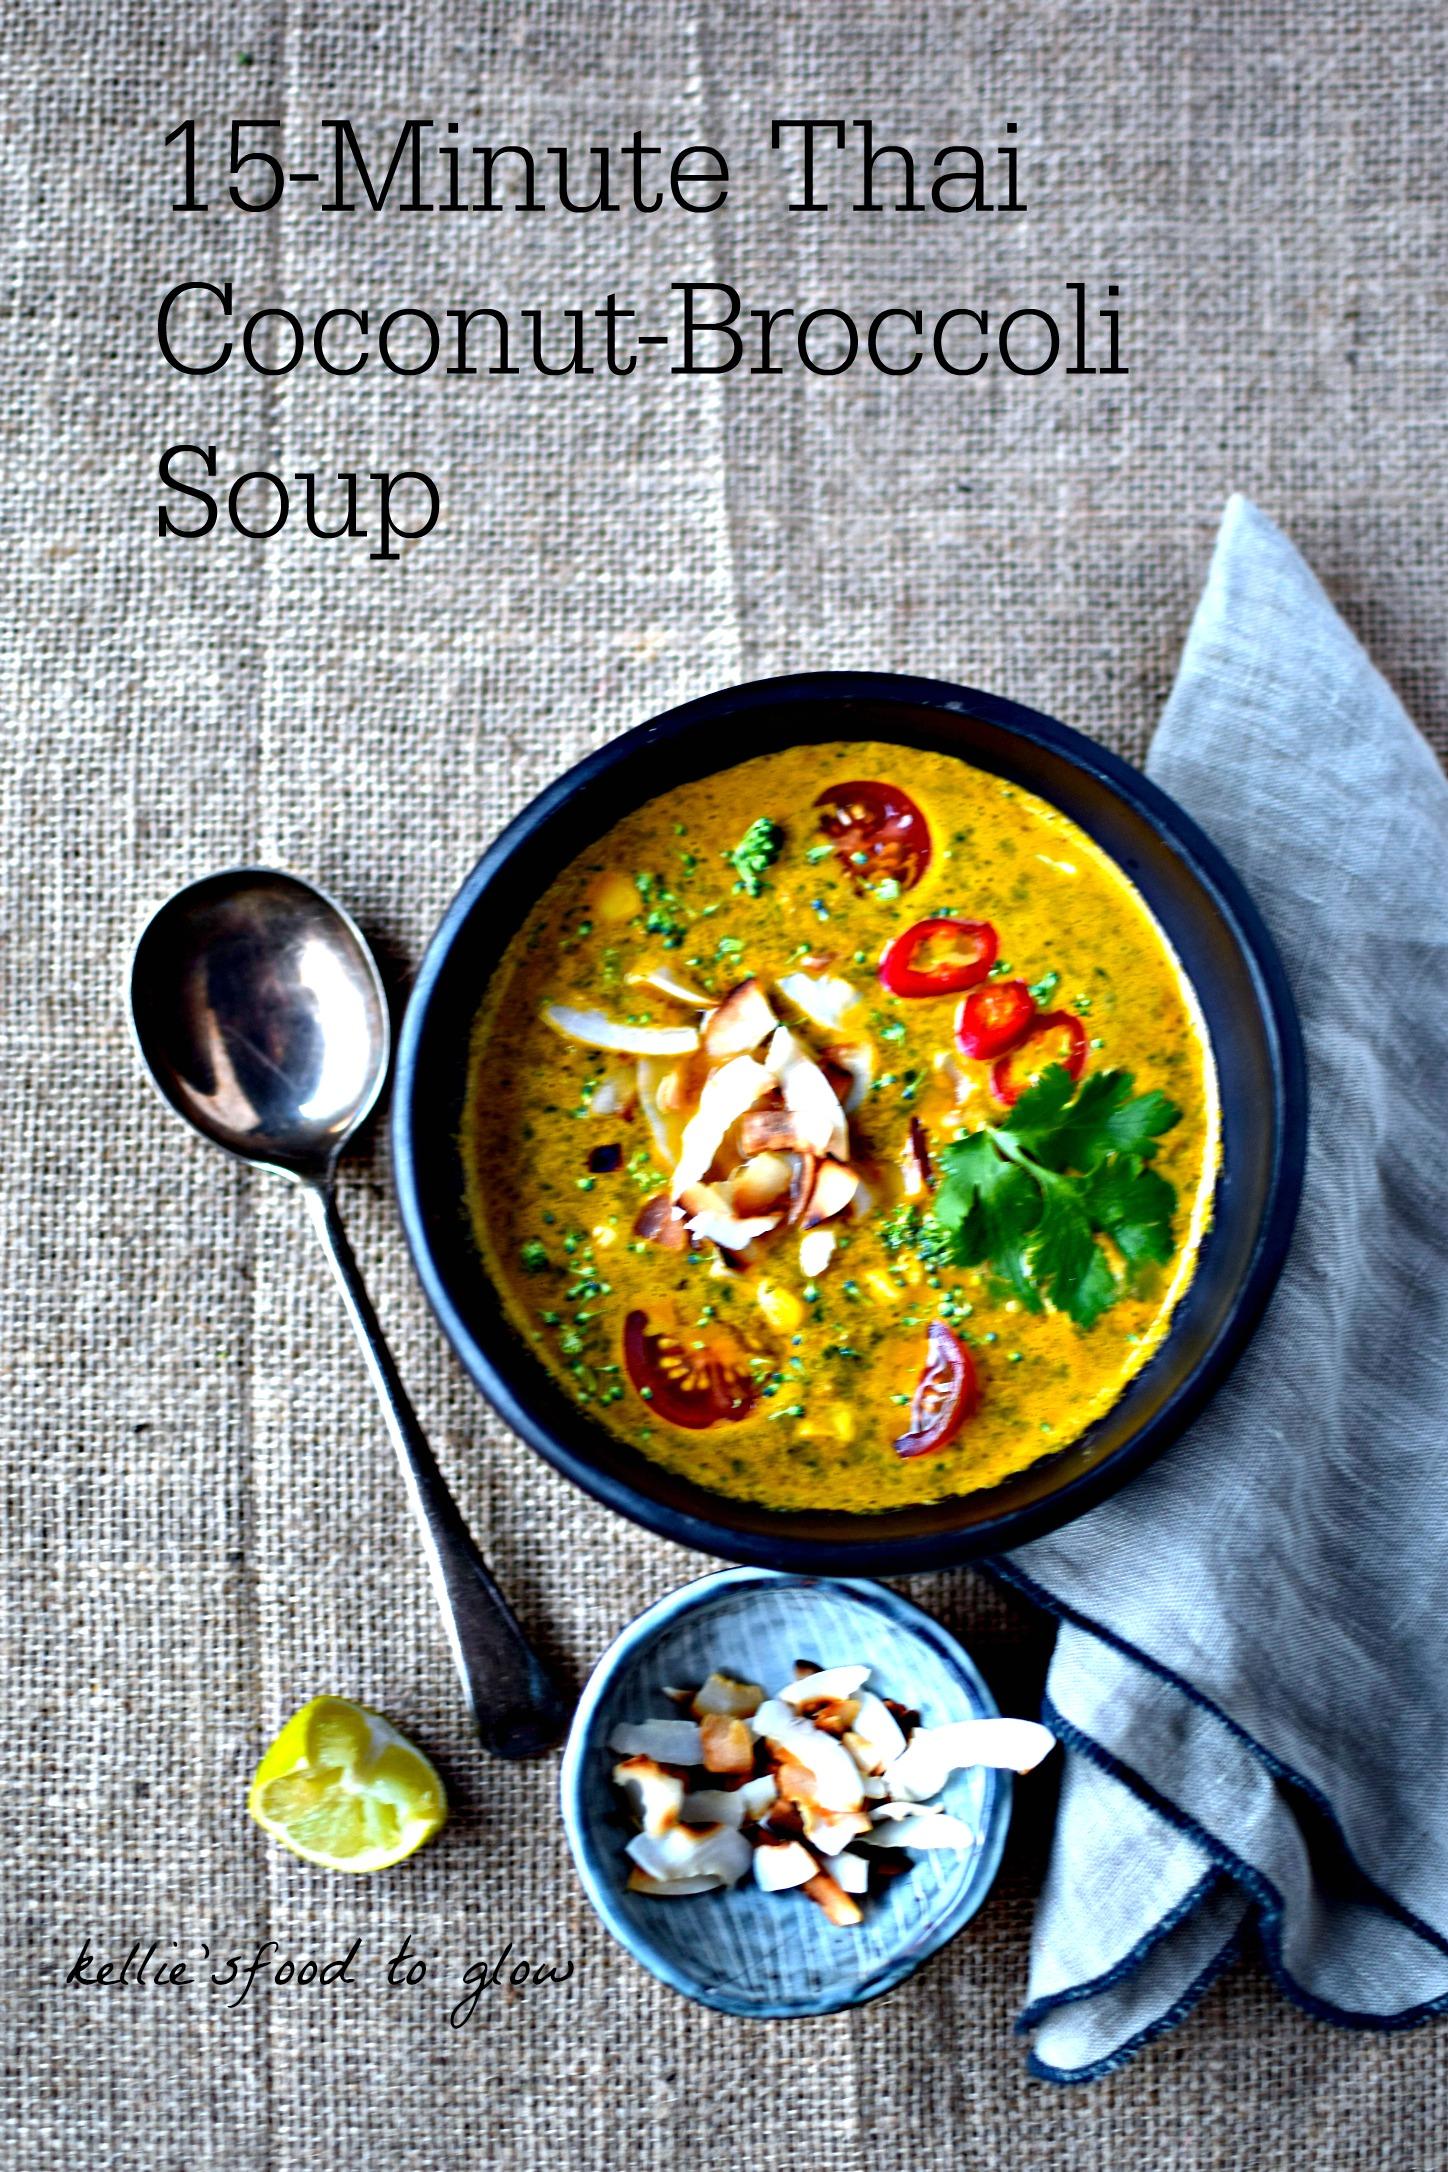 15 Minute Thai Coconut Broccoli Soup Recipe